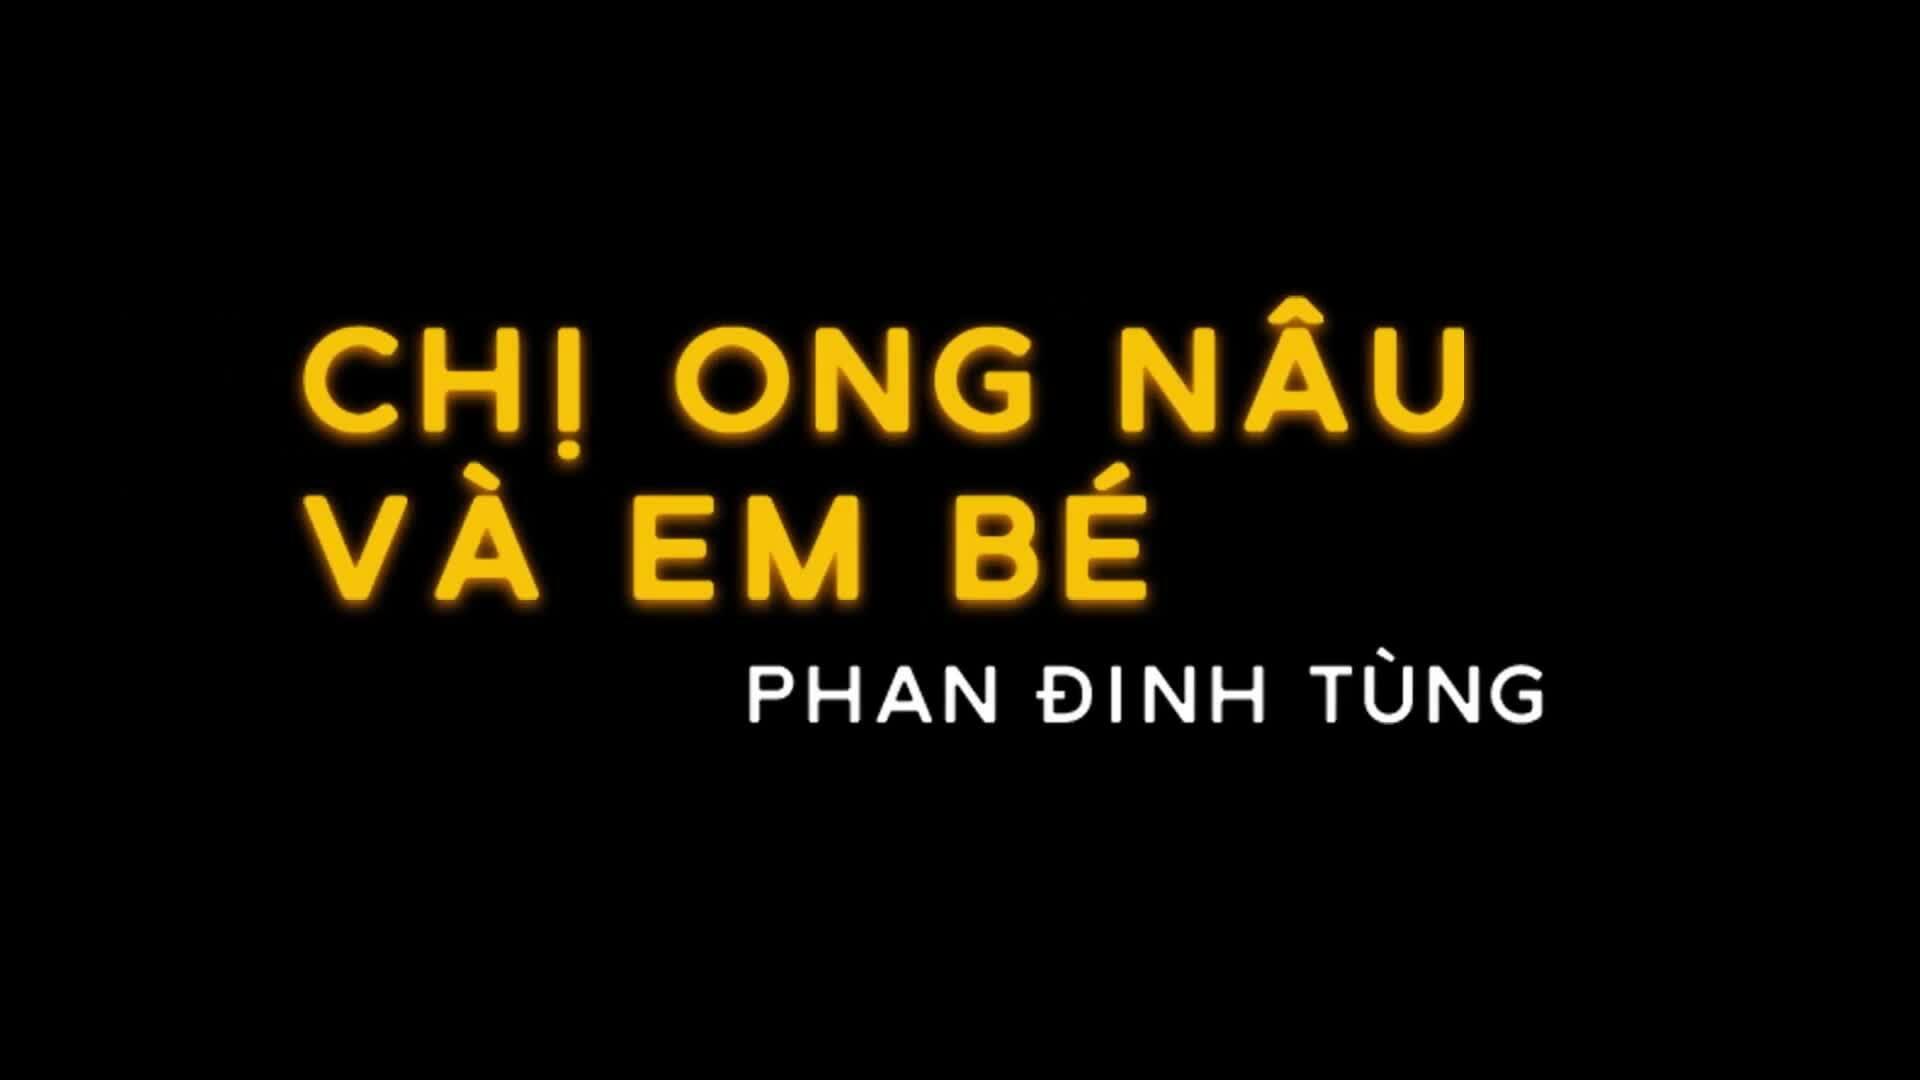 Phan Đinh Tùng làm mới ca khúc 'Chị ong nâu và em bé'